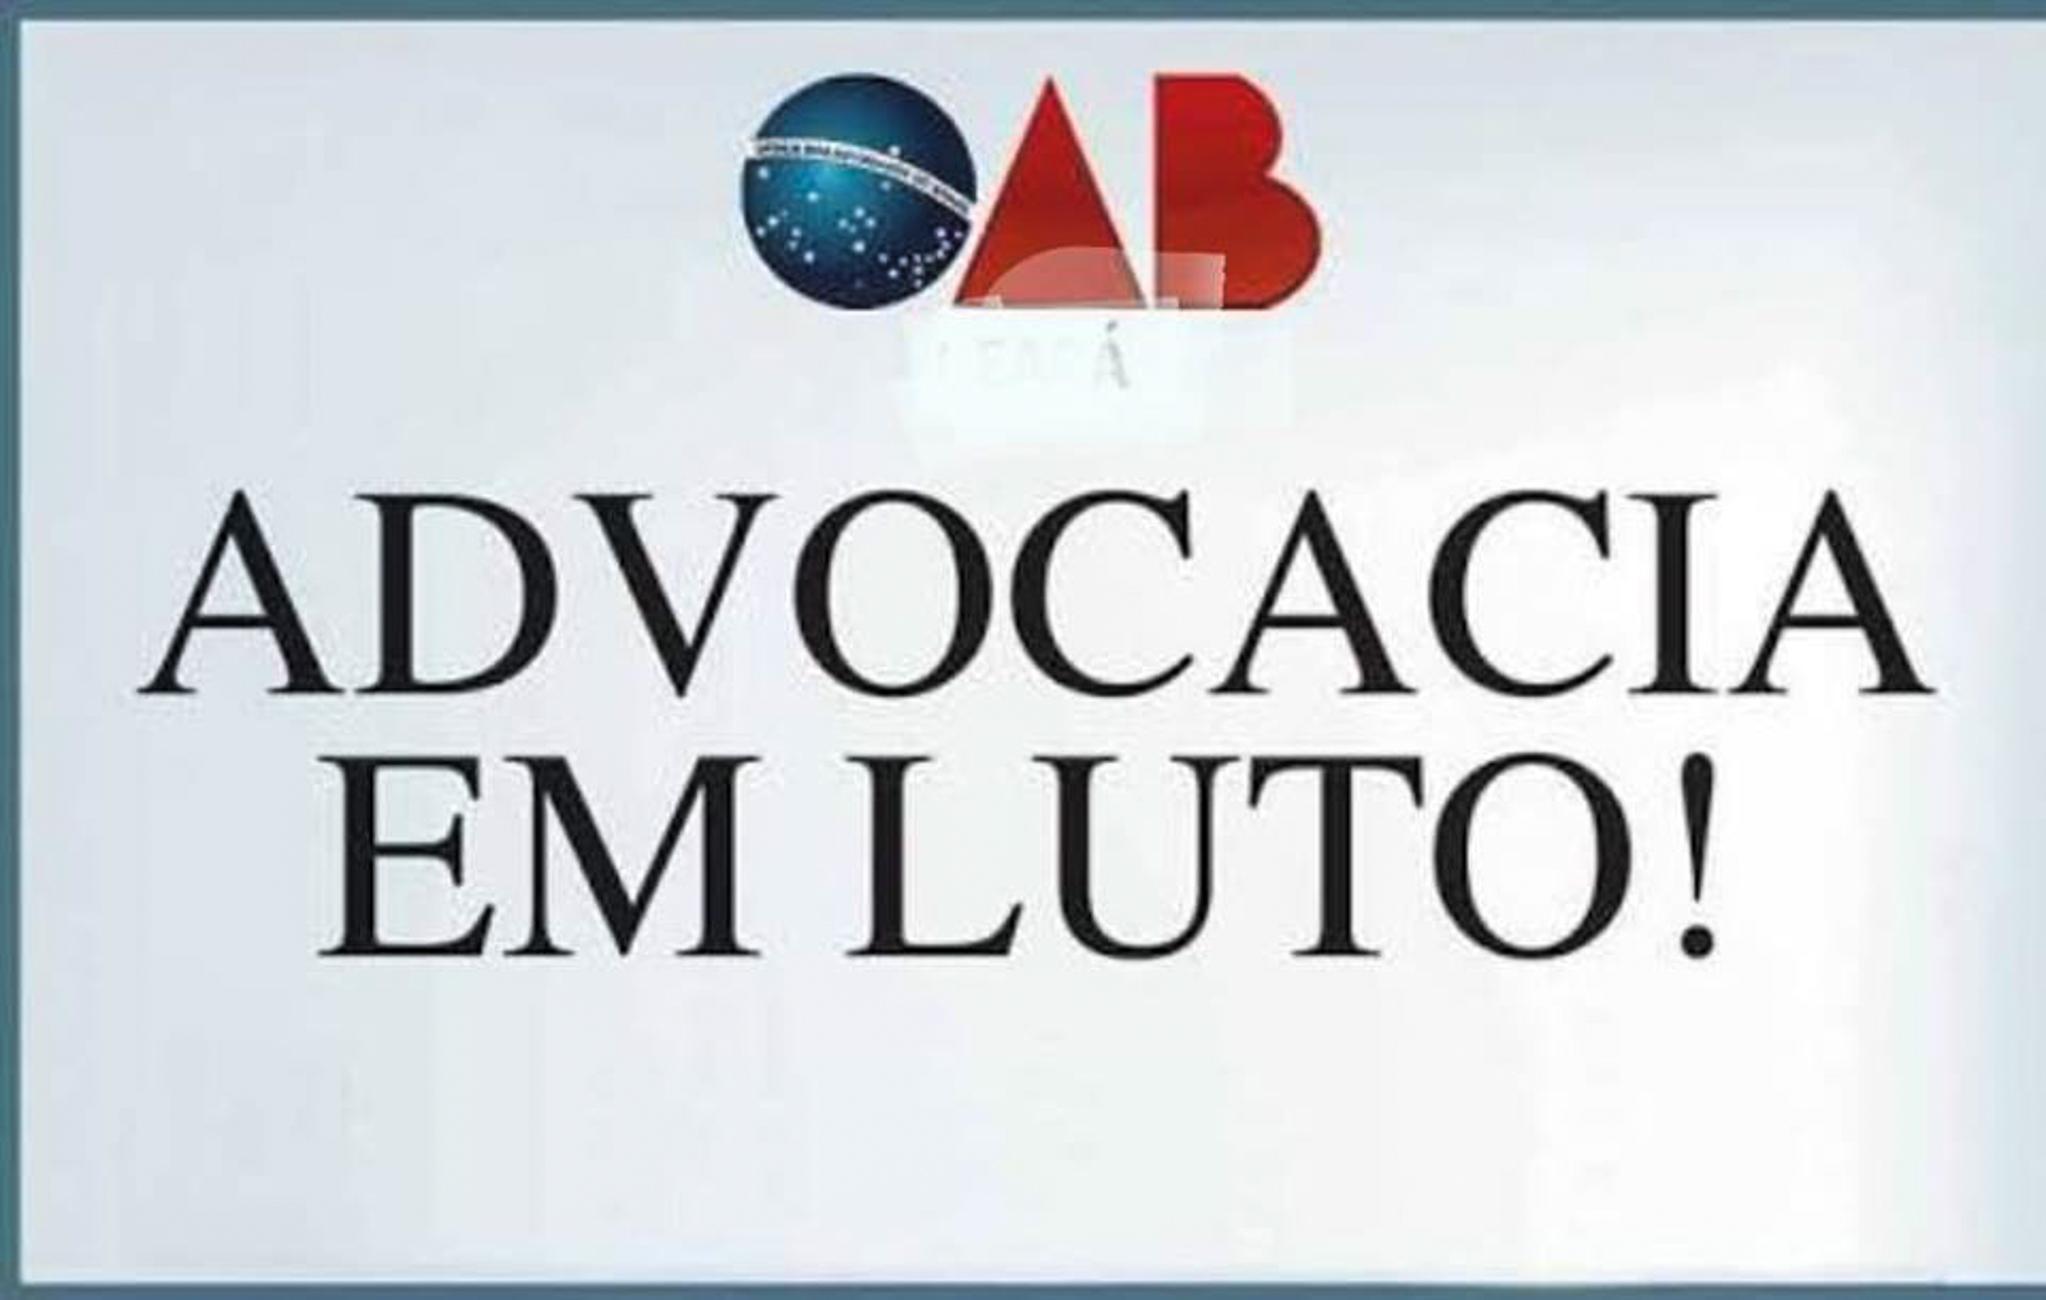 OAB decreta luto oficial de três dias após assassinato de advogado